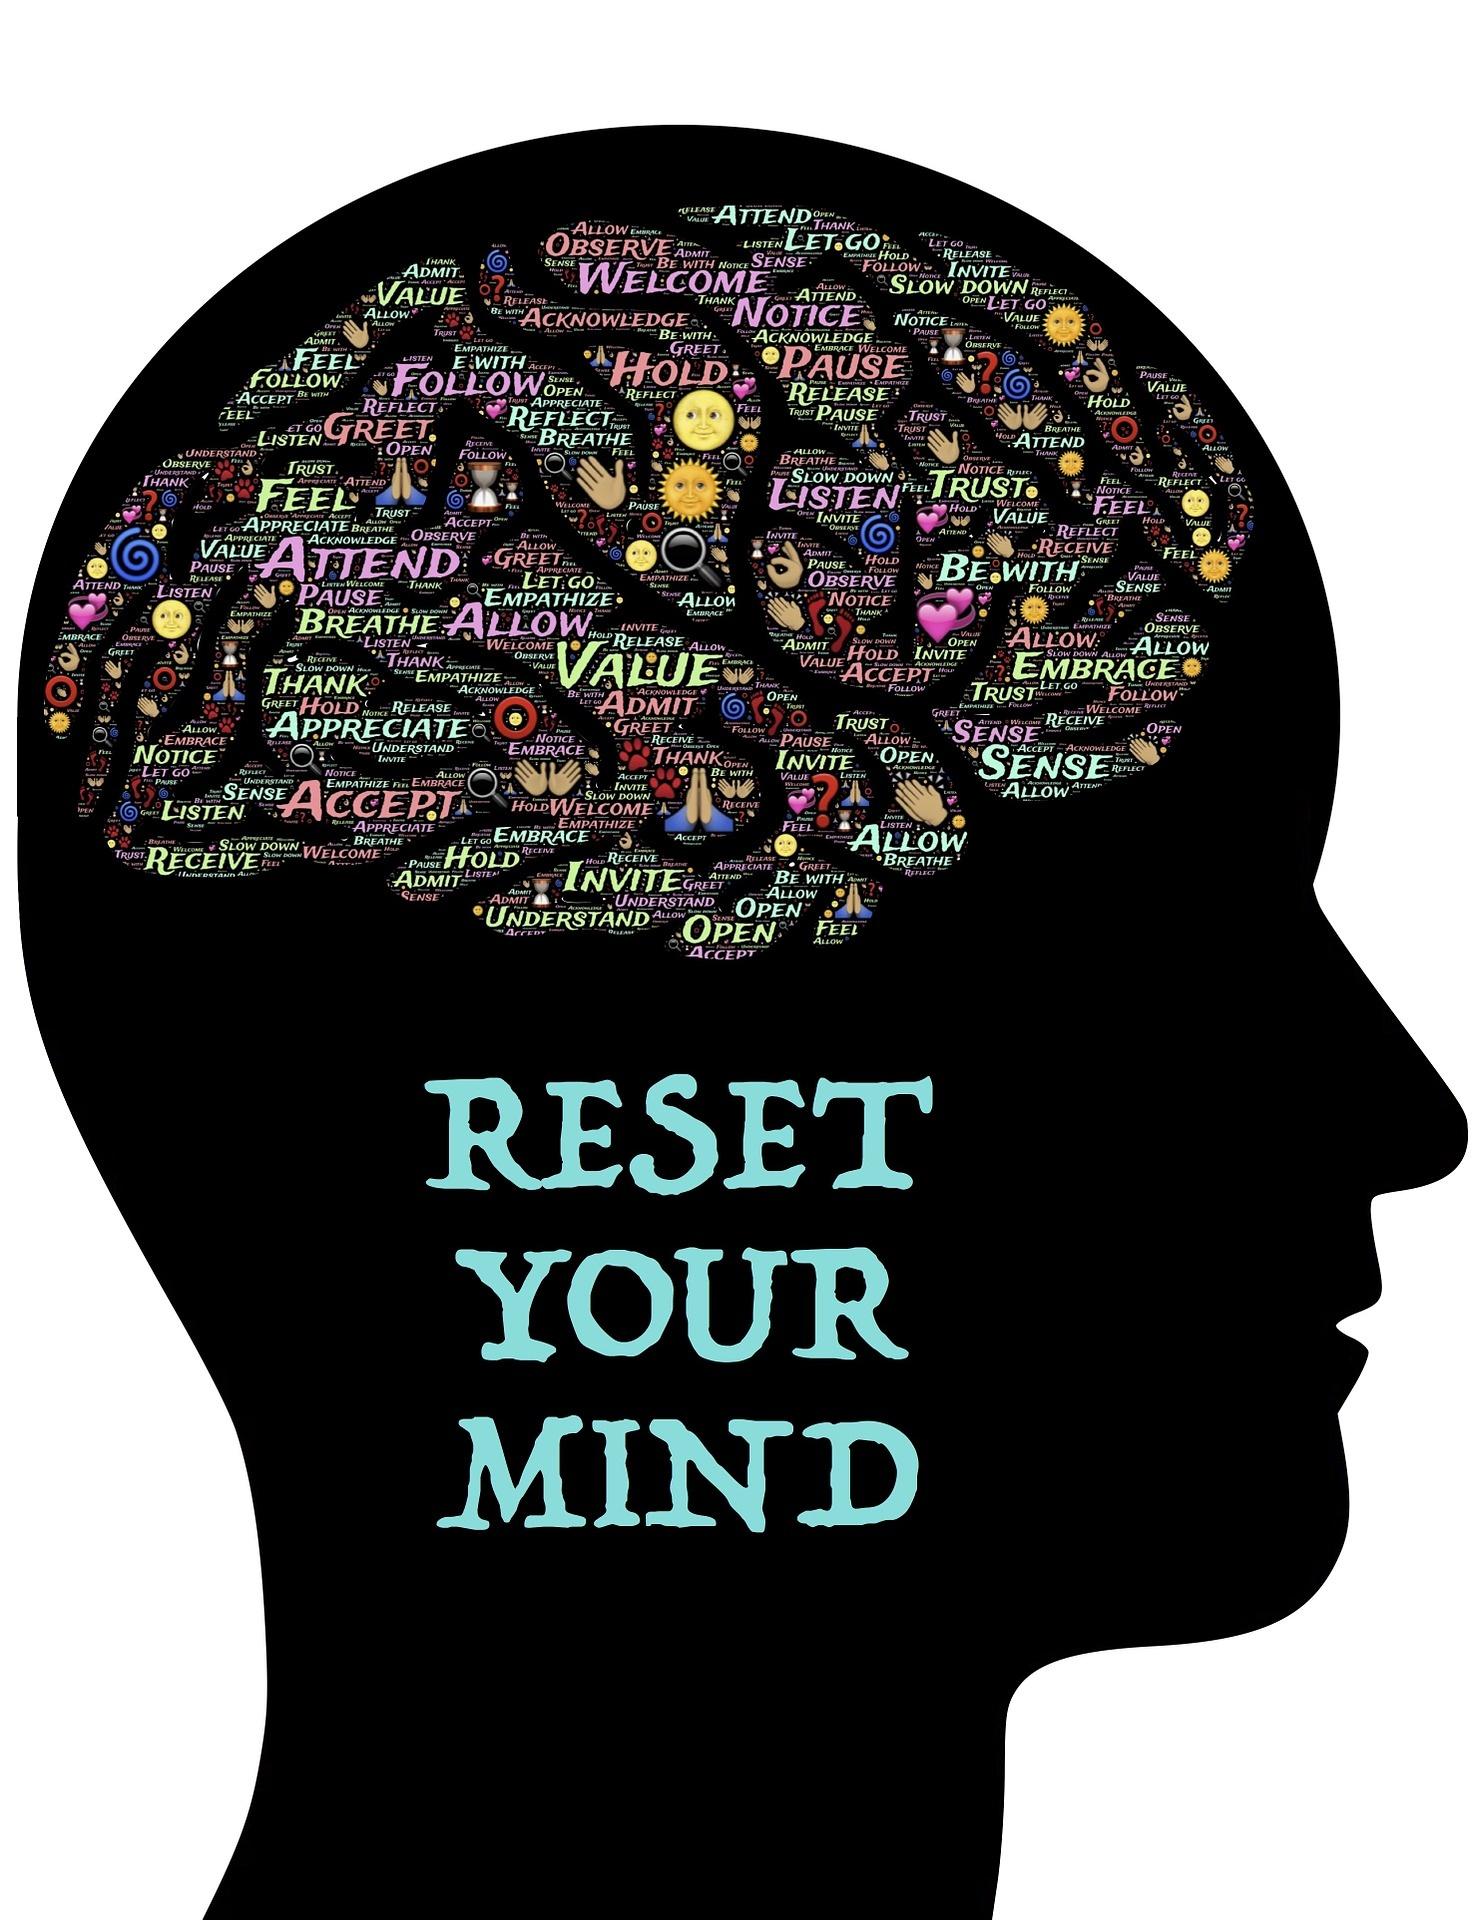 Tankehåndtering. Tanker er kun tanker. Tanker kan ikke smides væk.  Du kan arbejde med dit fokus og din indstilling.